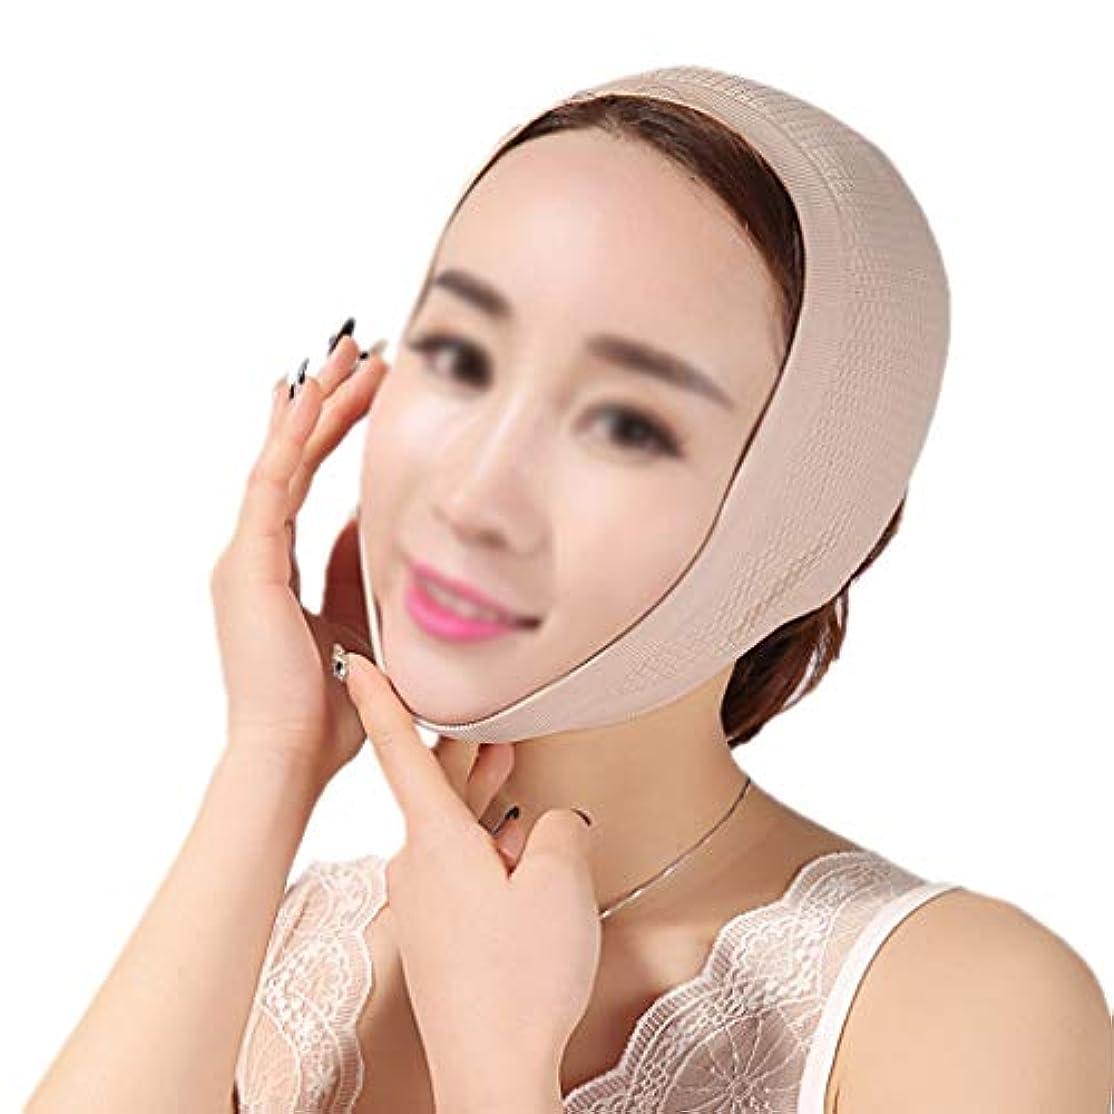 広告する底エンドテーブルXHLMRMJ フェイスリフティングマスク、フェイスリフティング包帯、しわ防止マスク、フェイスリフティングベルト(ワンサイズ)